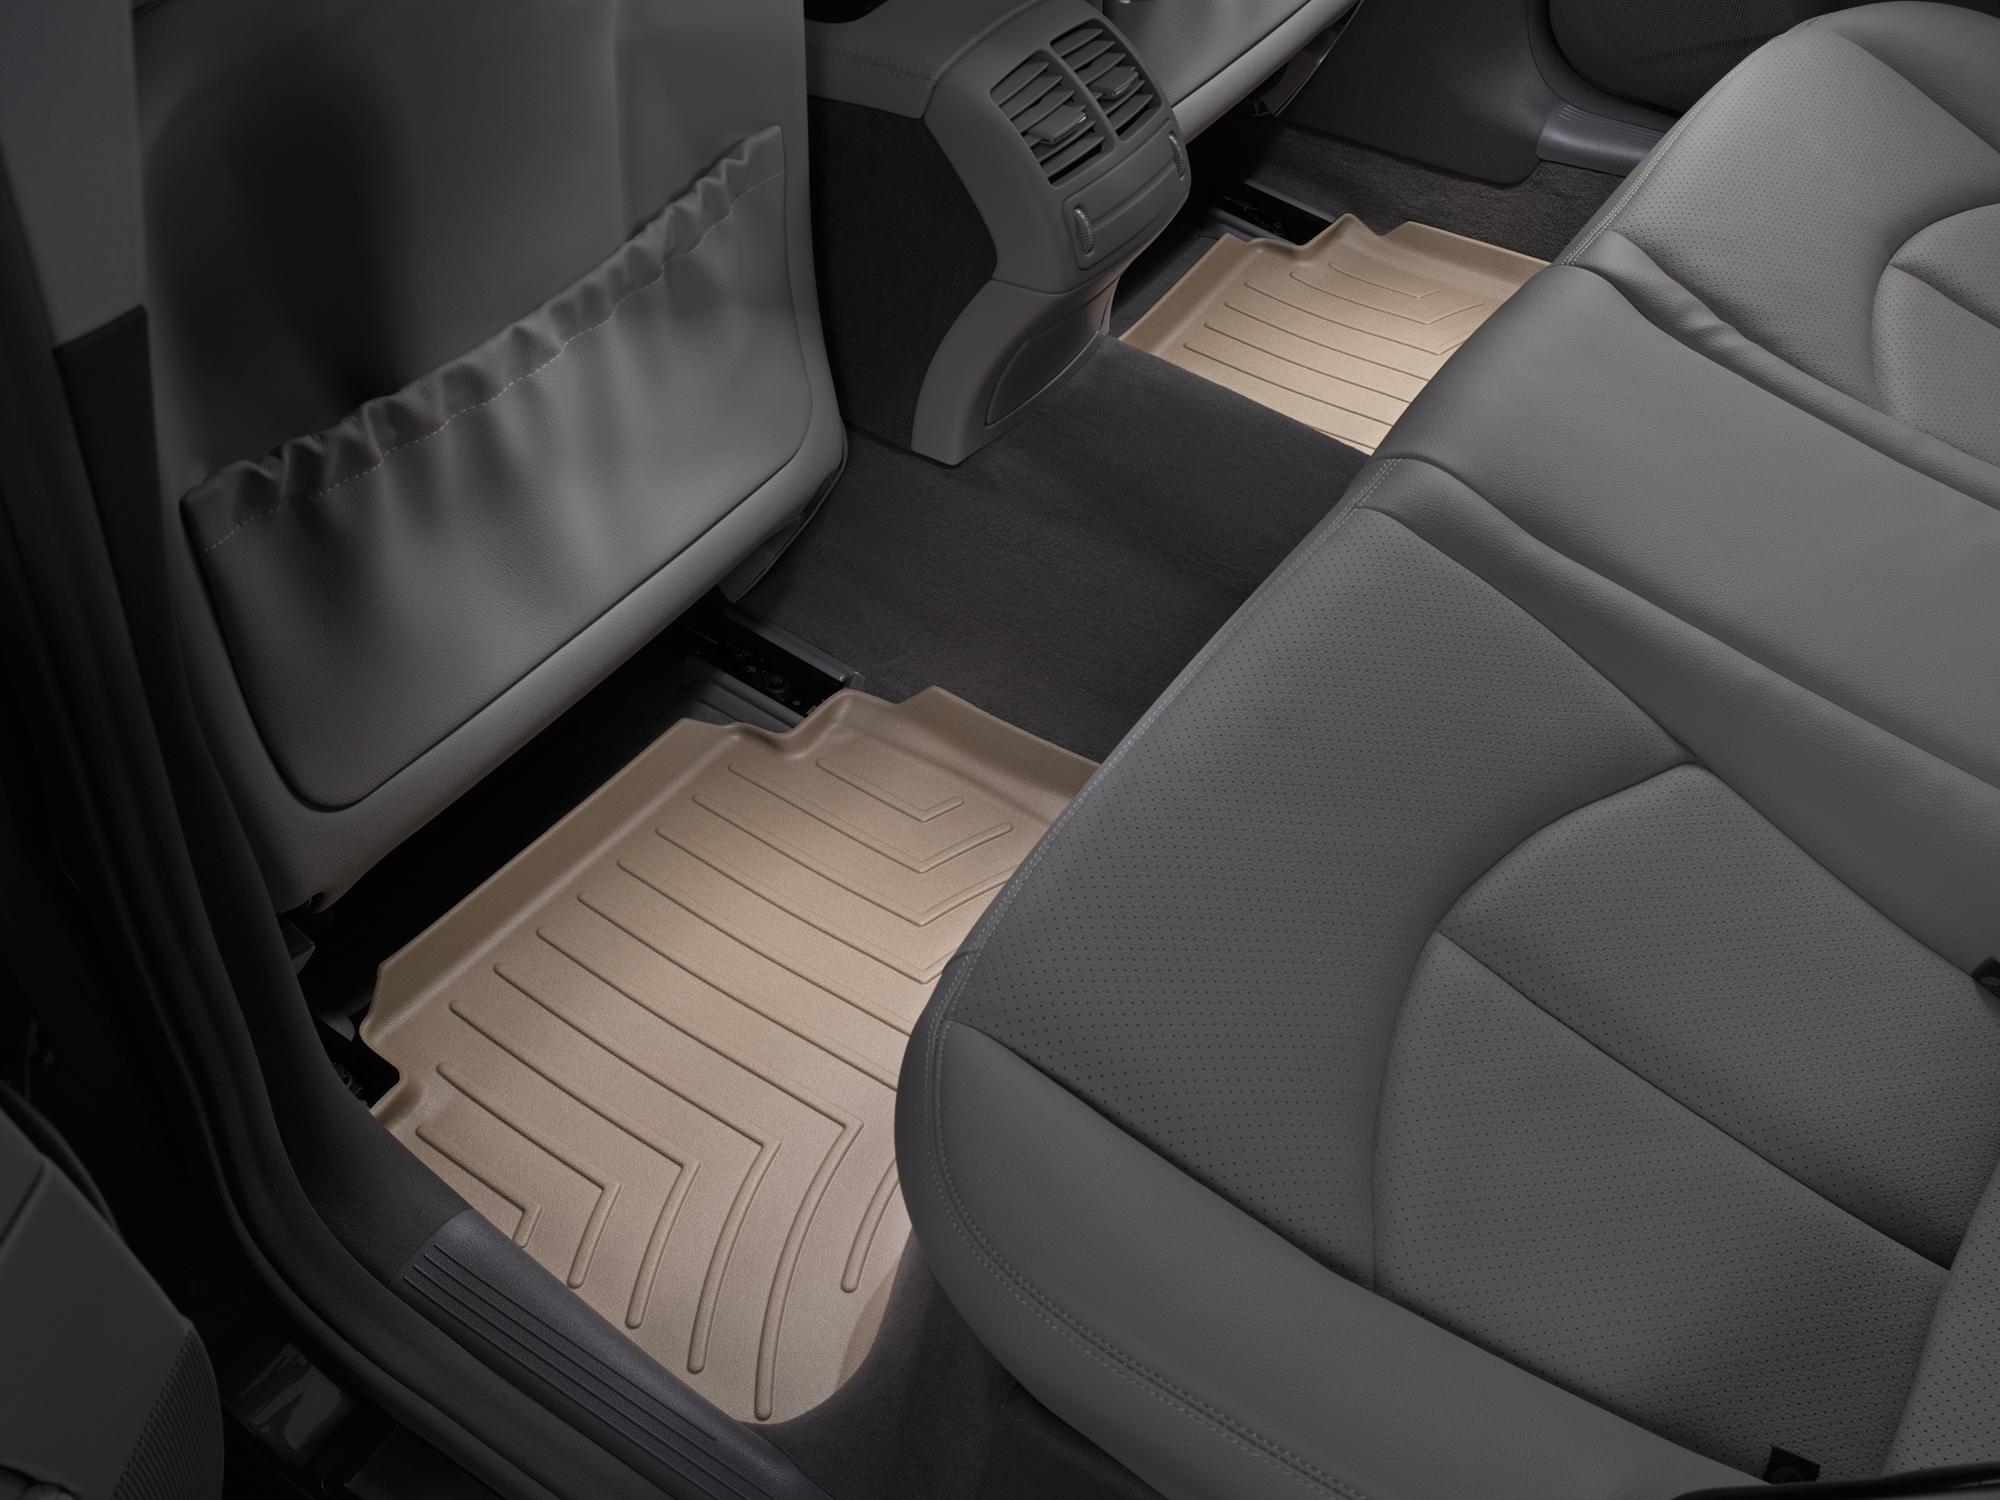 Tappeti gomma su misura bordo alto Mercedes E-Class 03>09 Marrone A2368*